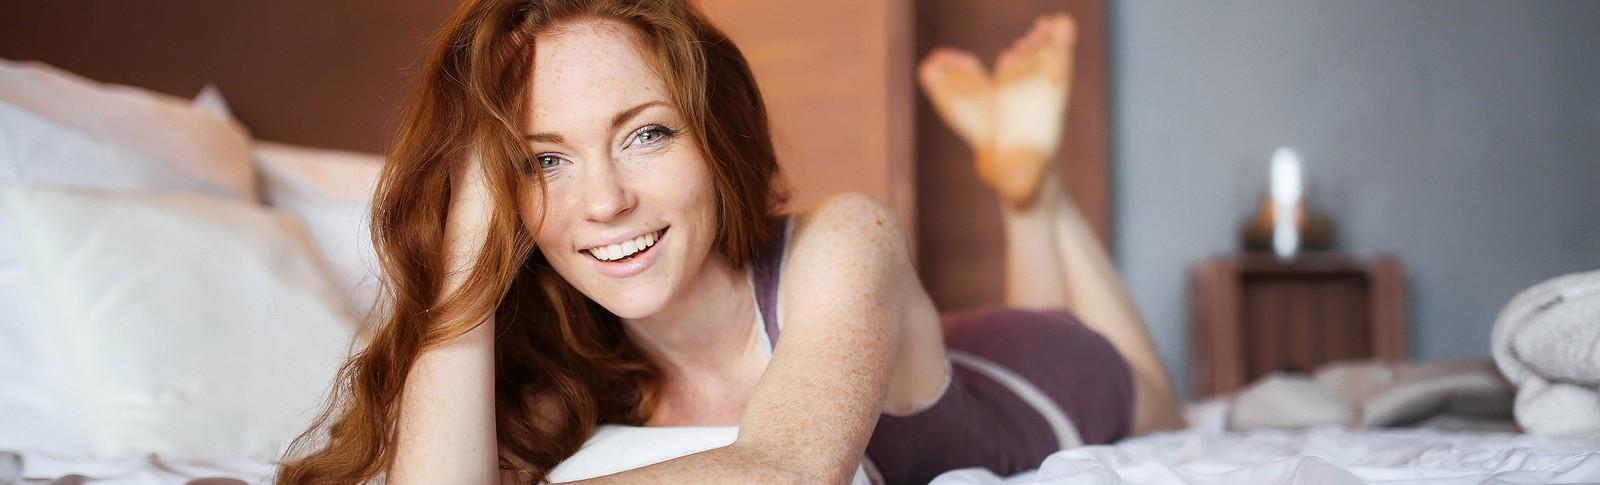 Frau ist glücklich, dass sie sich ihre Brustimplantate in der Moser Klinik hat wechseln lassen.